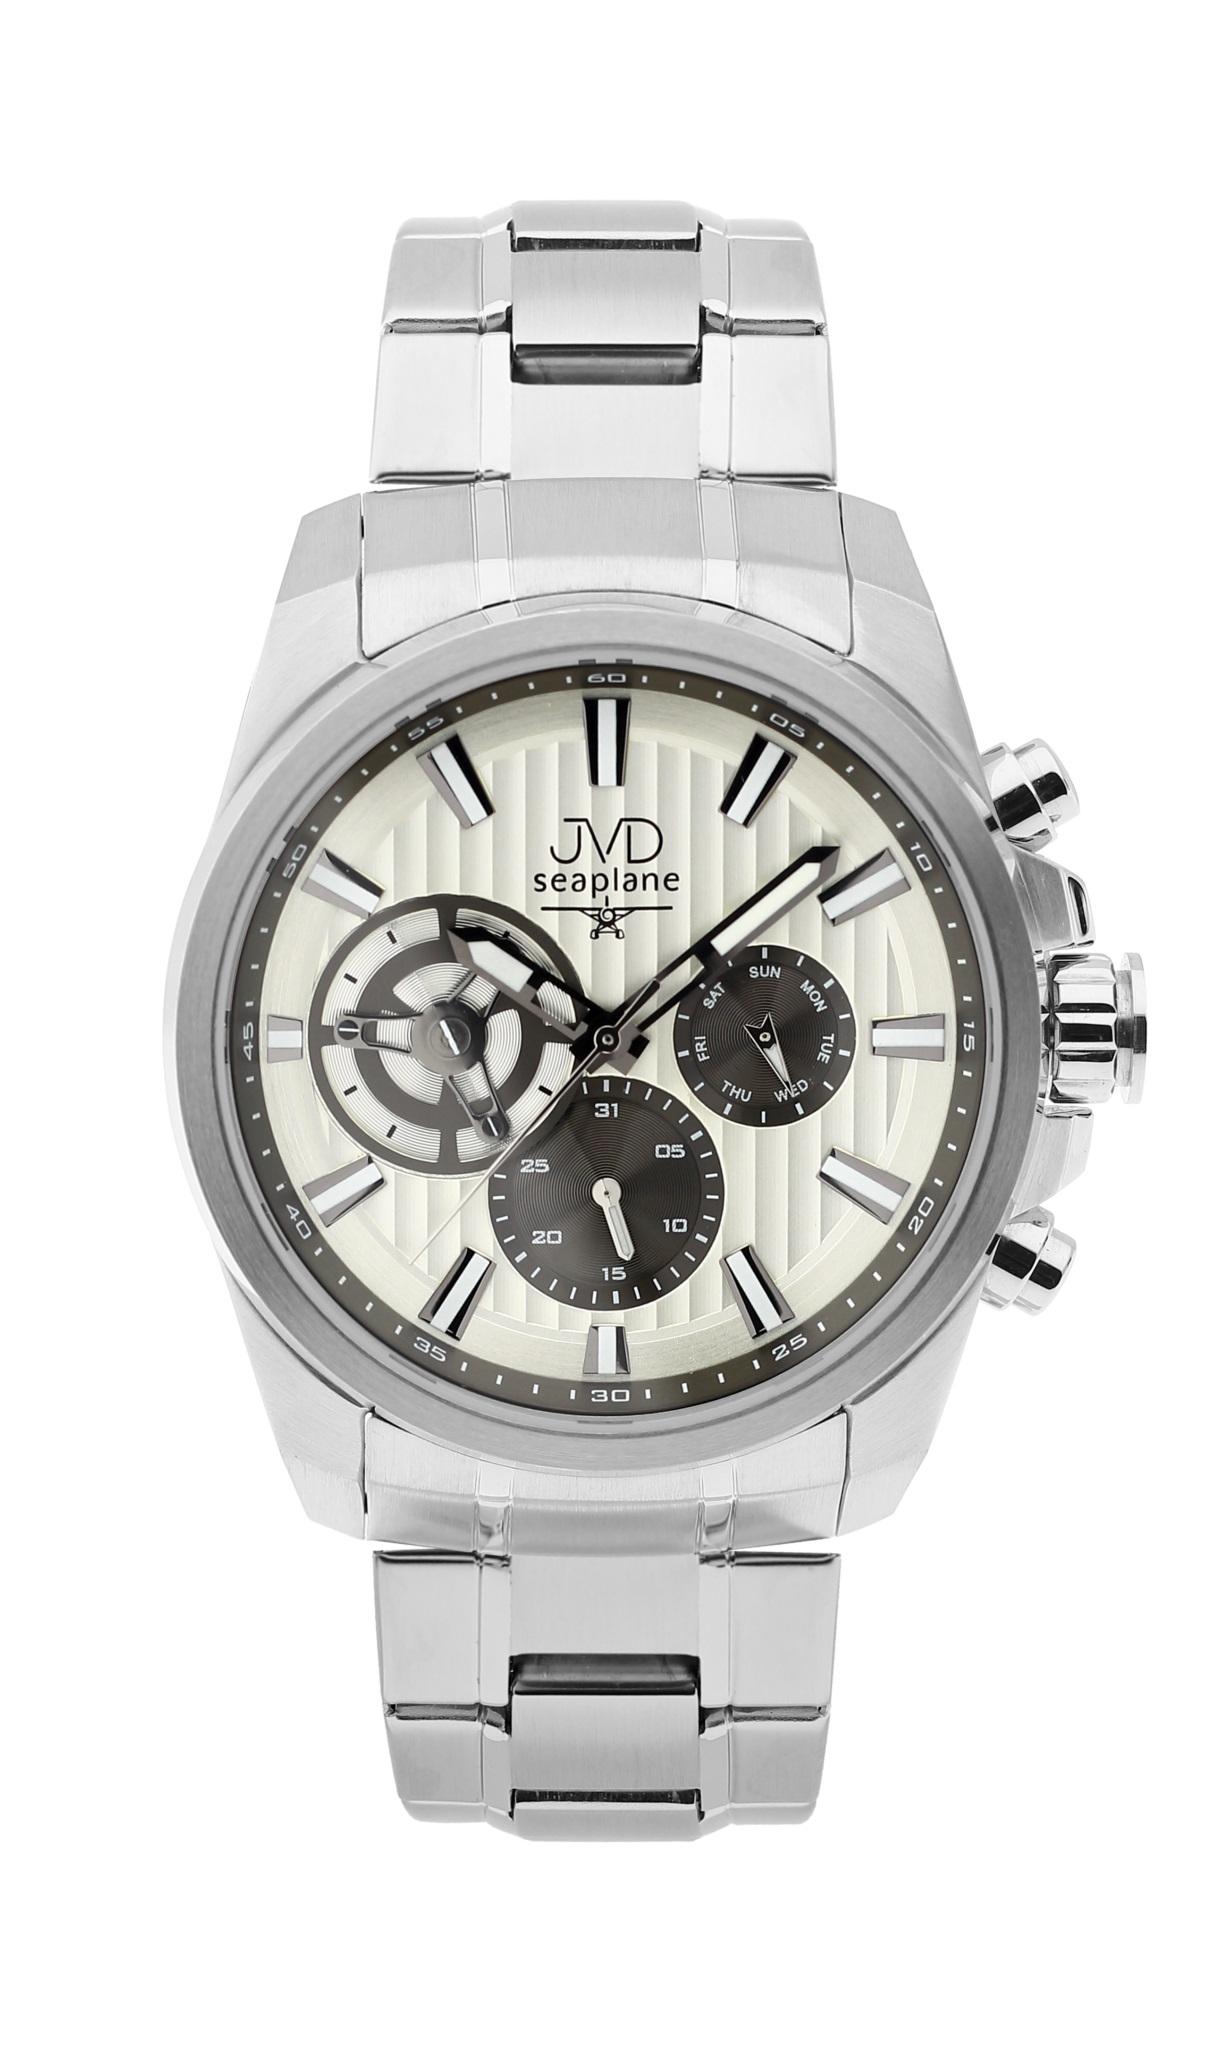 Pánské luxusní vodotěsné chronografy hodinky JVD seaplane W83.1 - 10ATM stopky POŠTOVNÉ ZDARMA! (POŠTOVNÉ ZDARMA!!!)